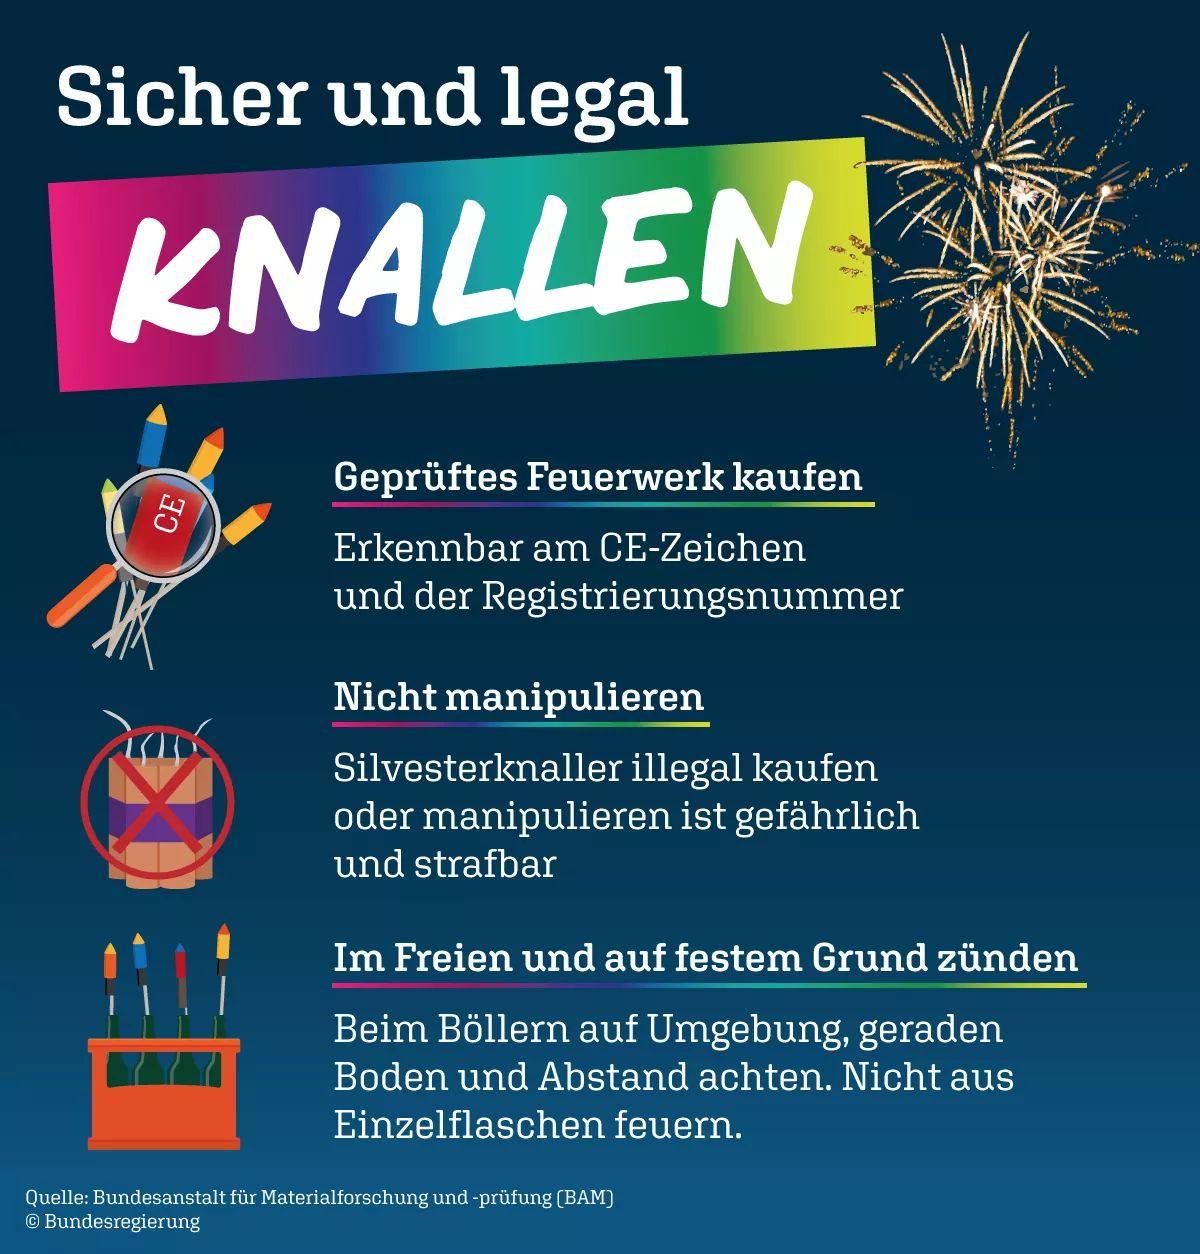 stadt_brandschutz/Sicher_und_legal.jpeg